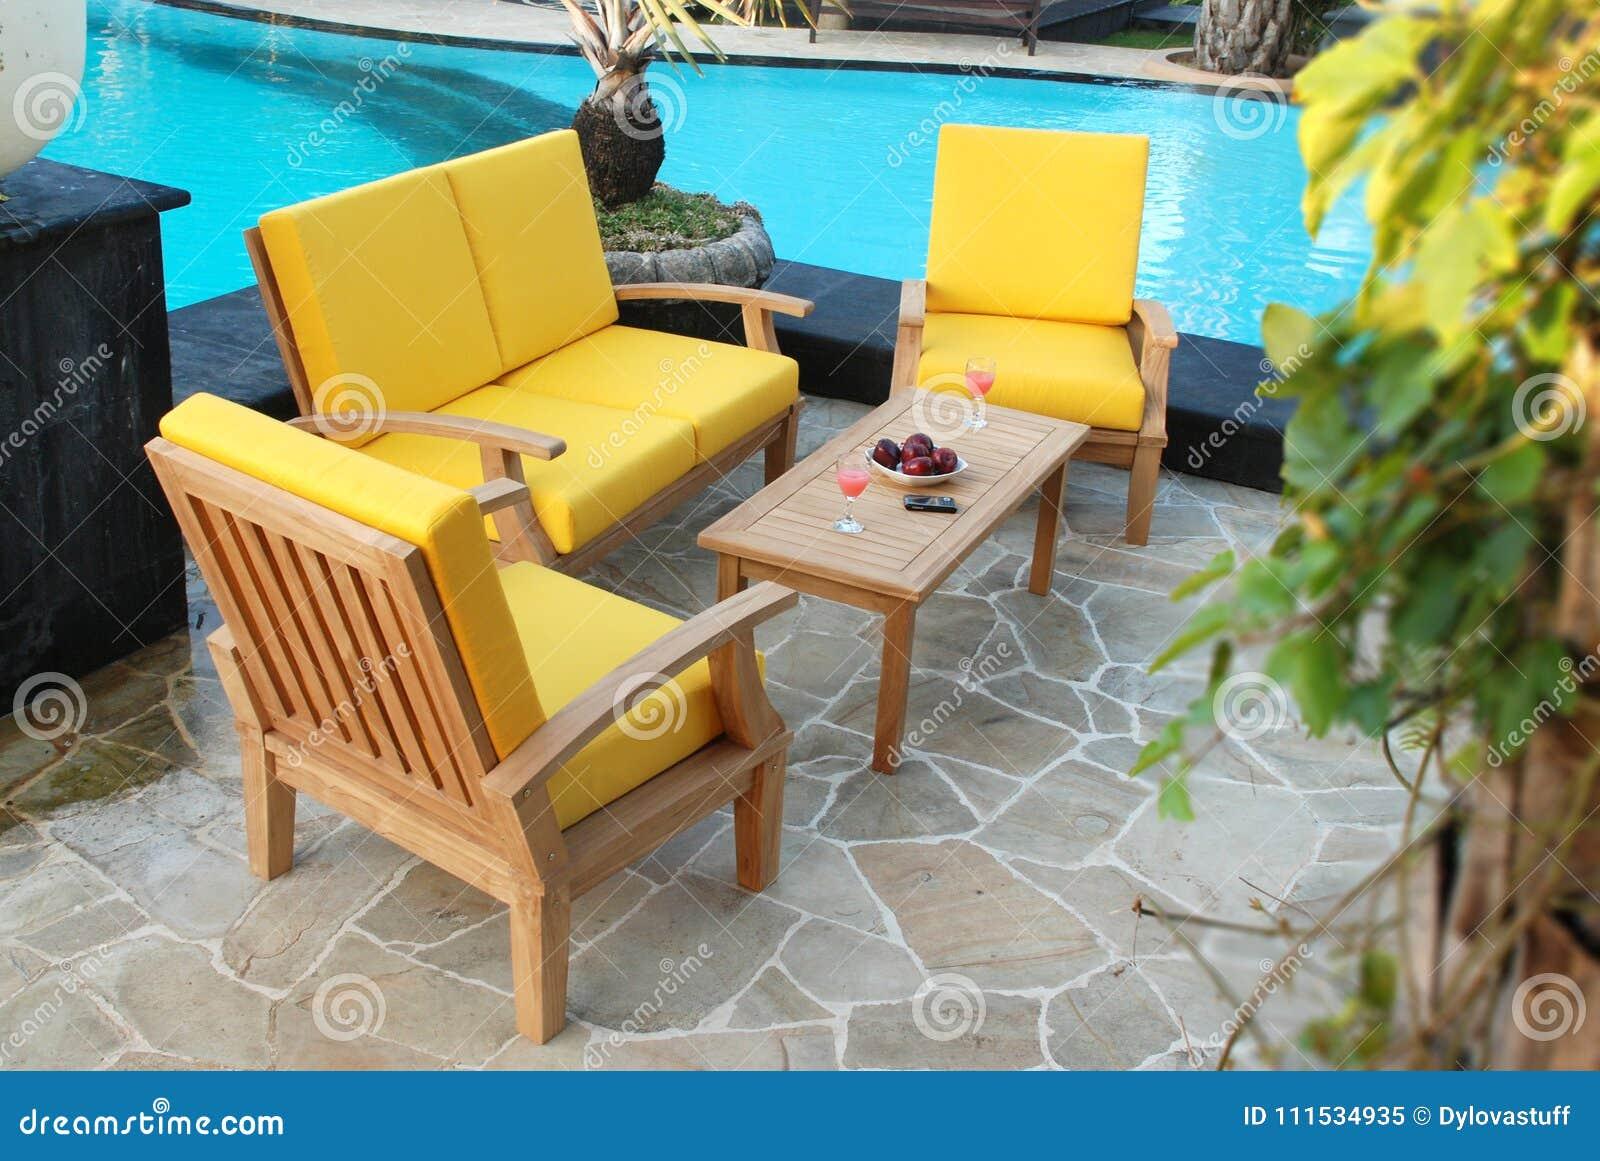 Teak Garden Furniture Out Door Teak Garden Stock Image